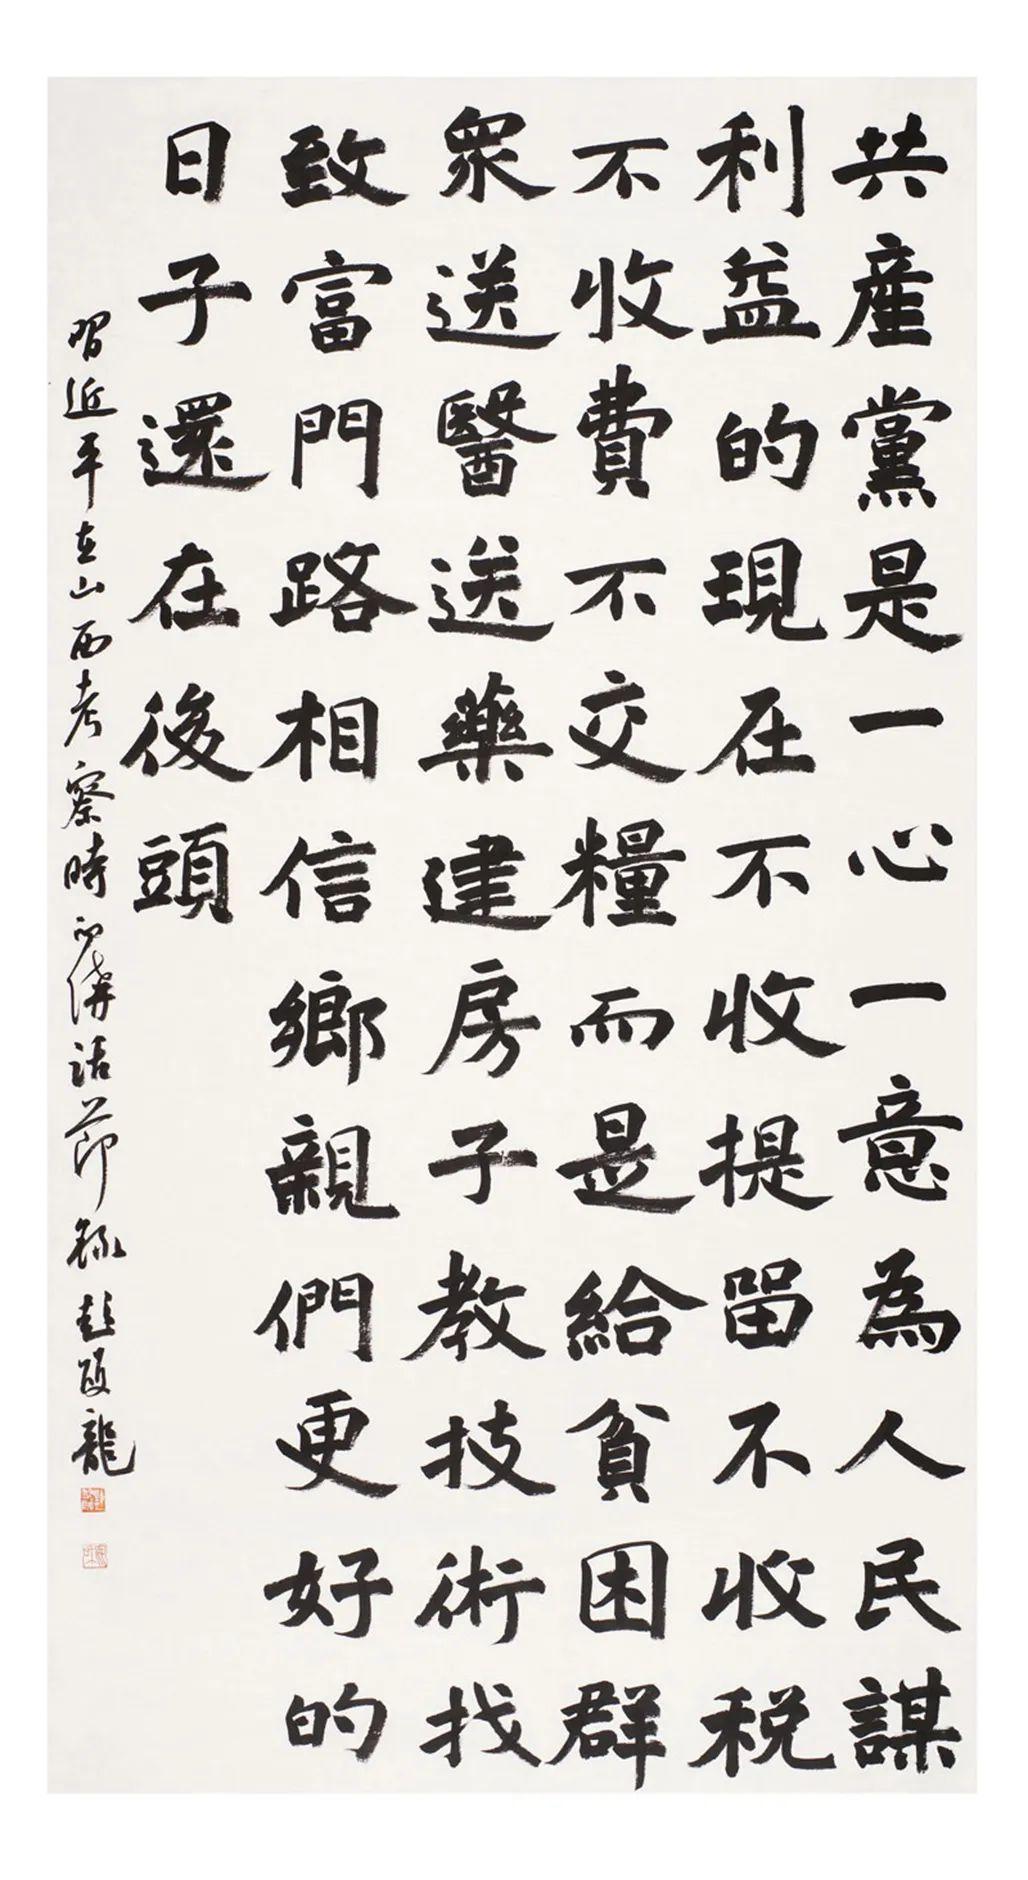 中国力量——全国扶贫书法大展作品 | 第一篇章 :人民至上(图53)